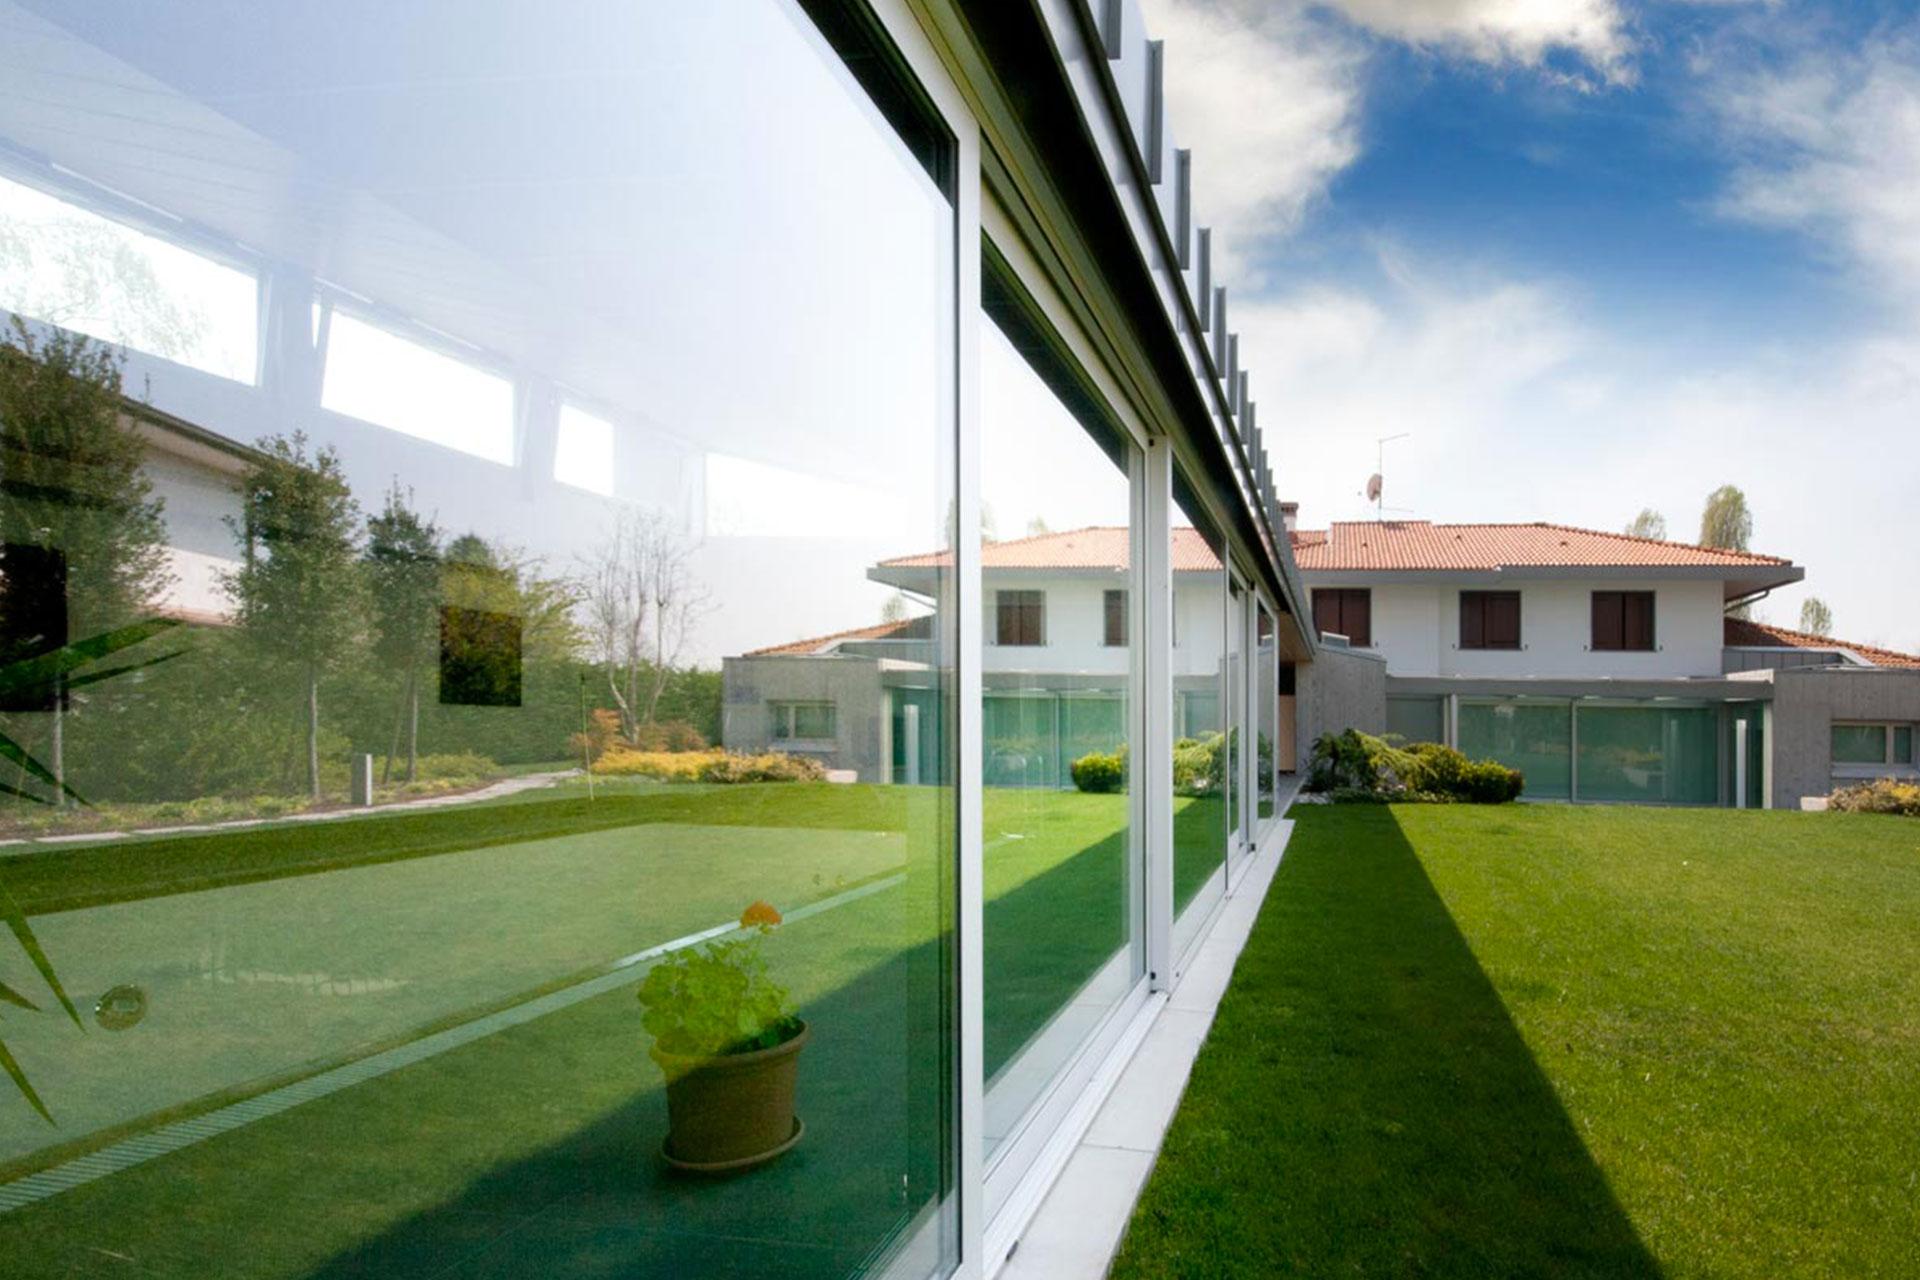 installazione serramenti scorrevoli bianchi udine casa privata 1